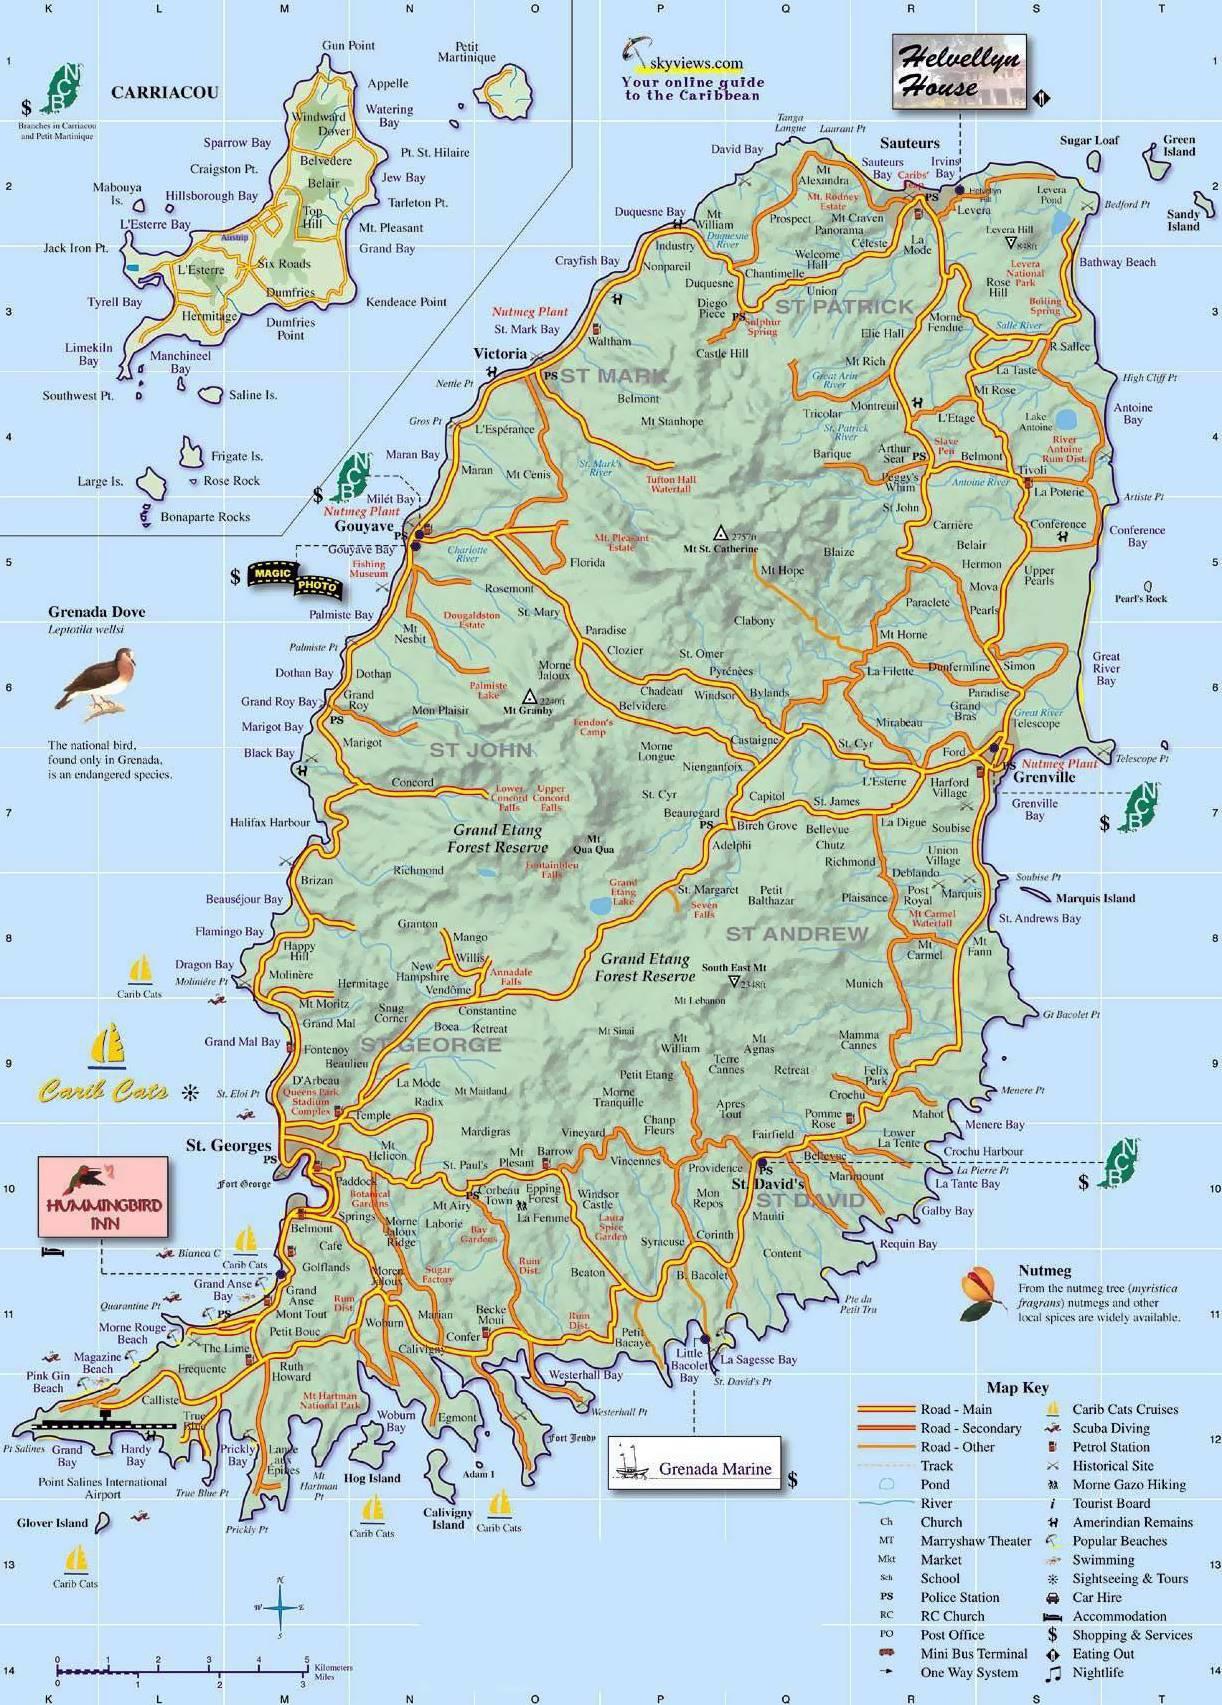 Carte touristique de Grenade